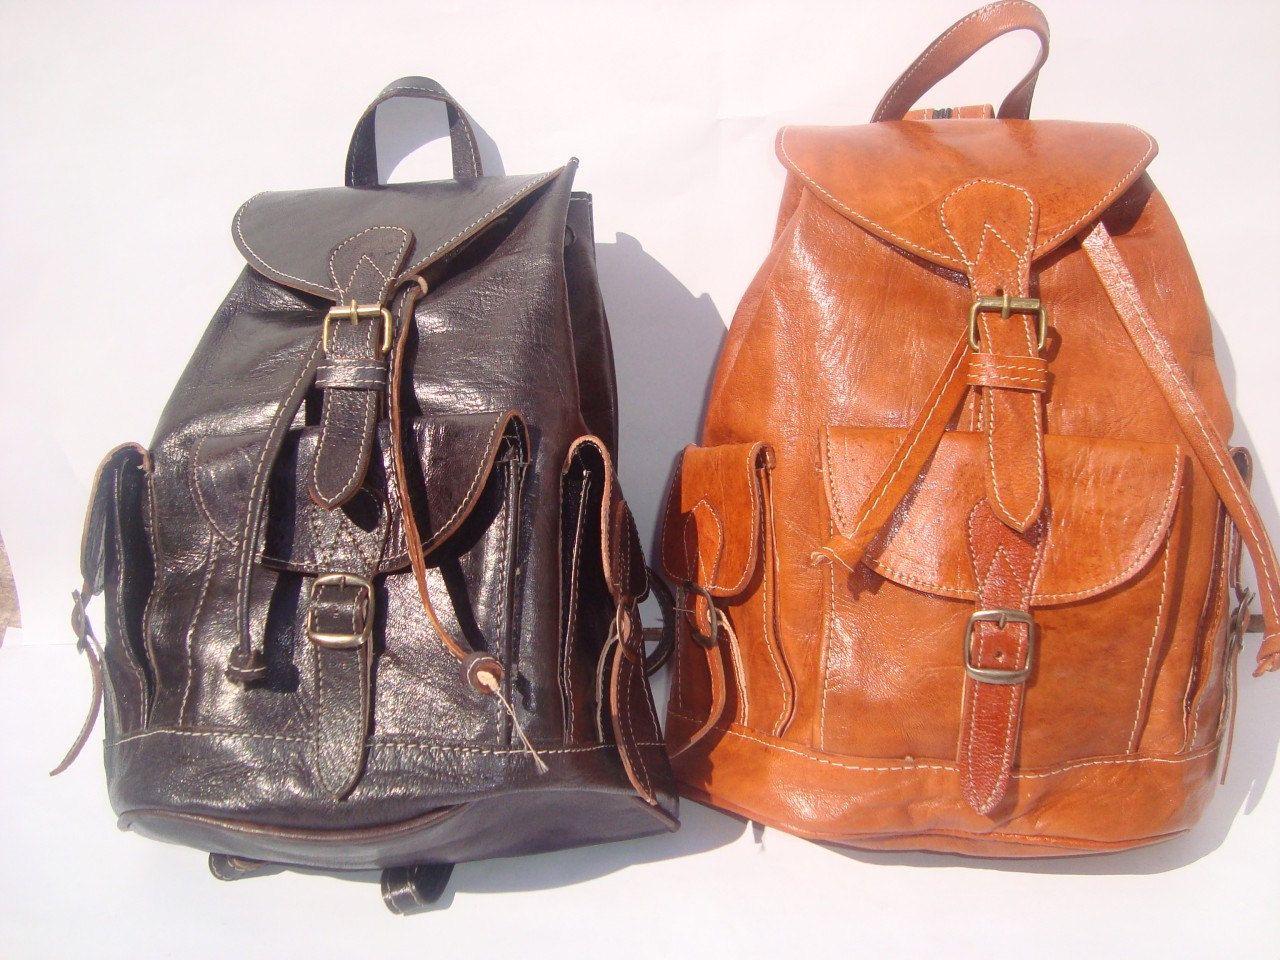 Moroccan Leather Backpack Rucksack Back Bag Soulder Vintage Purse Travel Shoulder Women Men